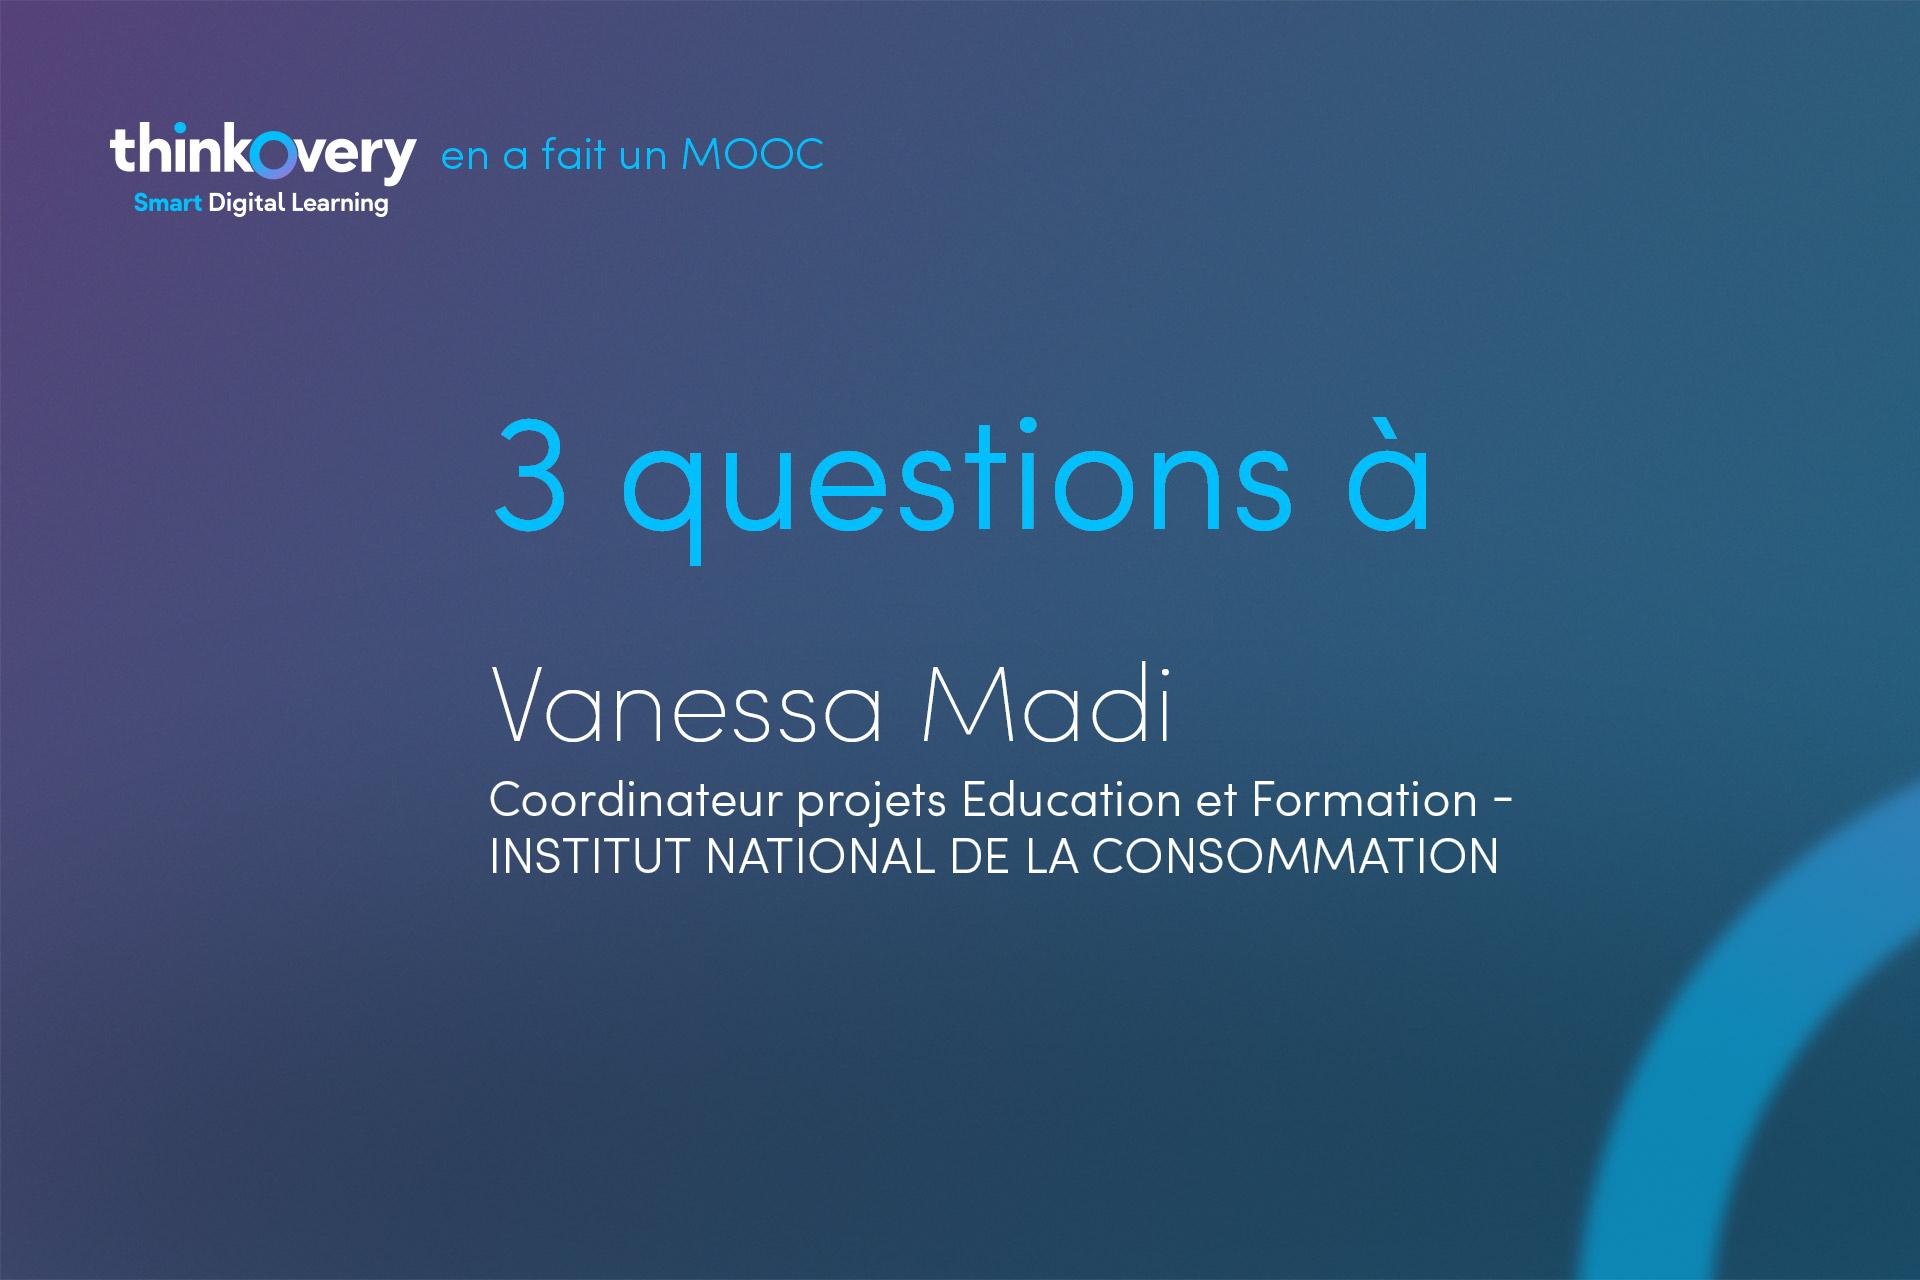 Vanessa Madi repond a nos questions sur le parcours INC donnees personelles